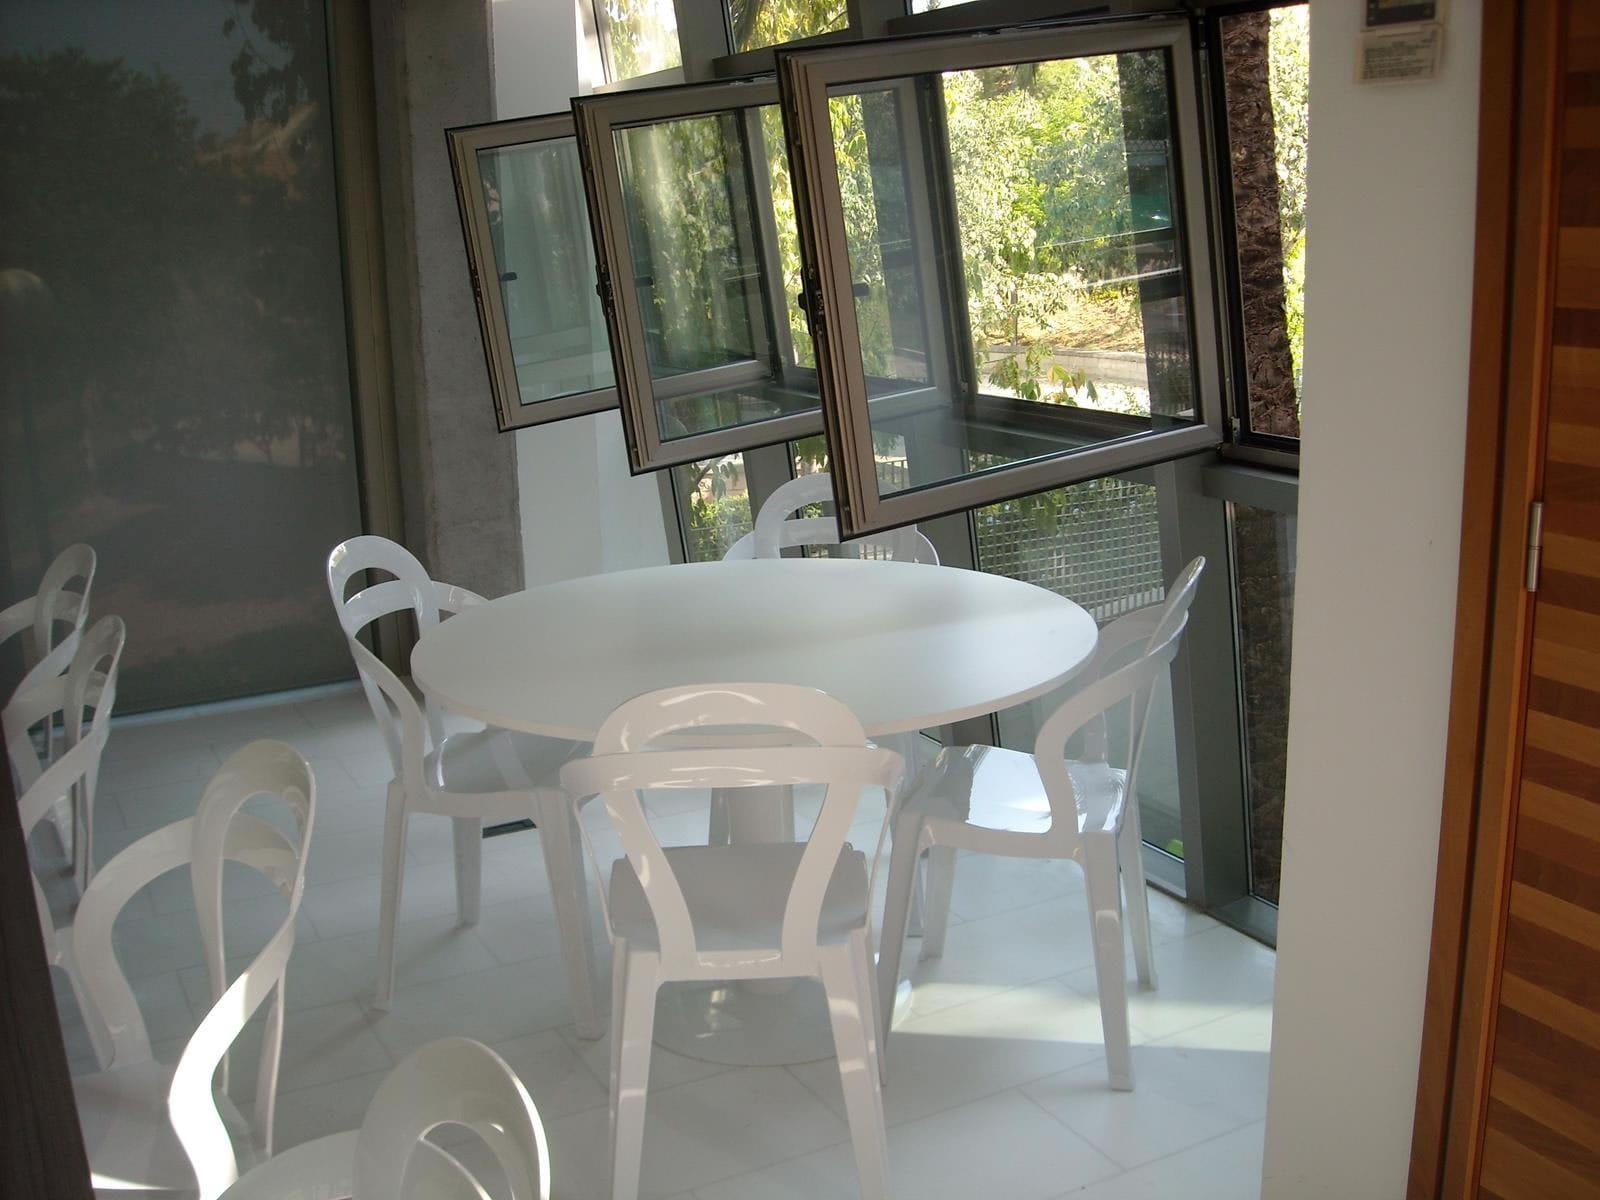 Krzesło Titi Scab Desig krzesło włoskie designerskie krzesło włochy krzesło certyfikat CATAS